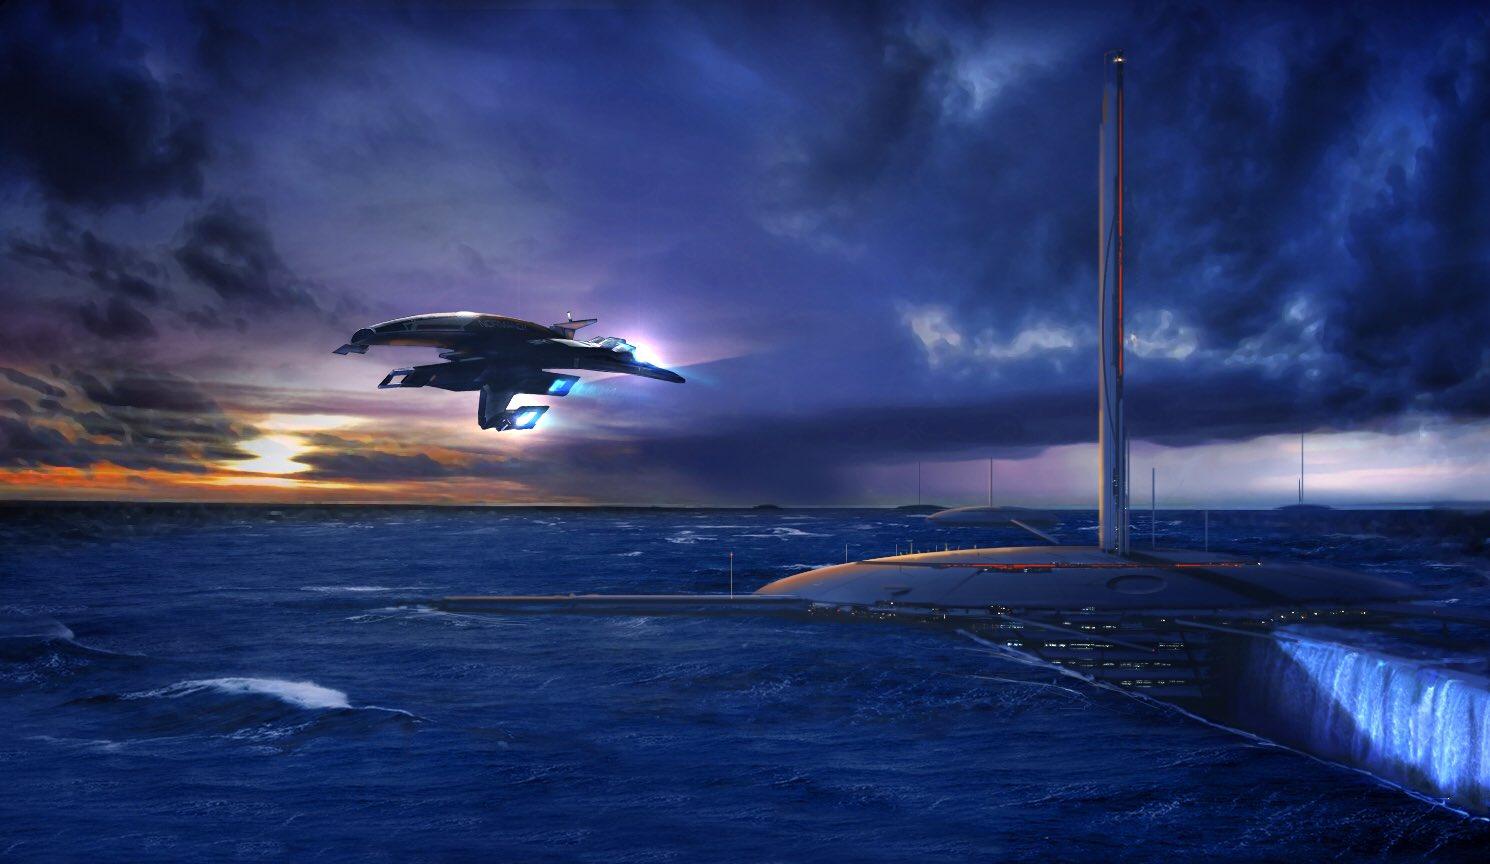 《质量效应》全新概念图曝光 BioWare表示这个系列还有很大的创作空间